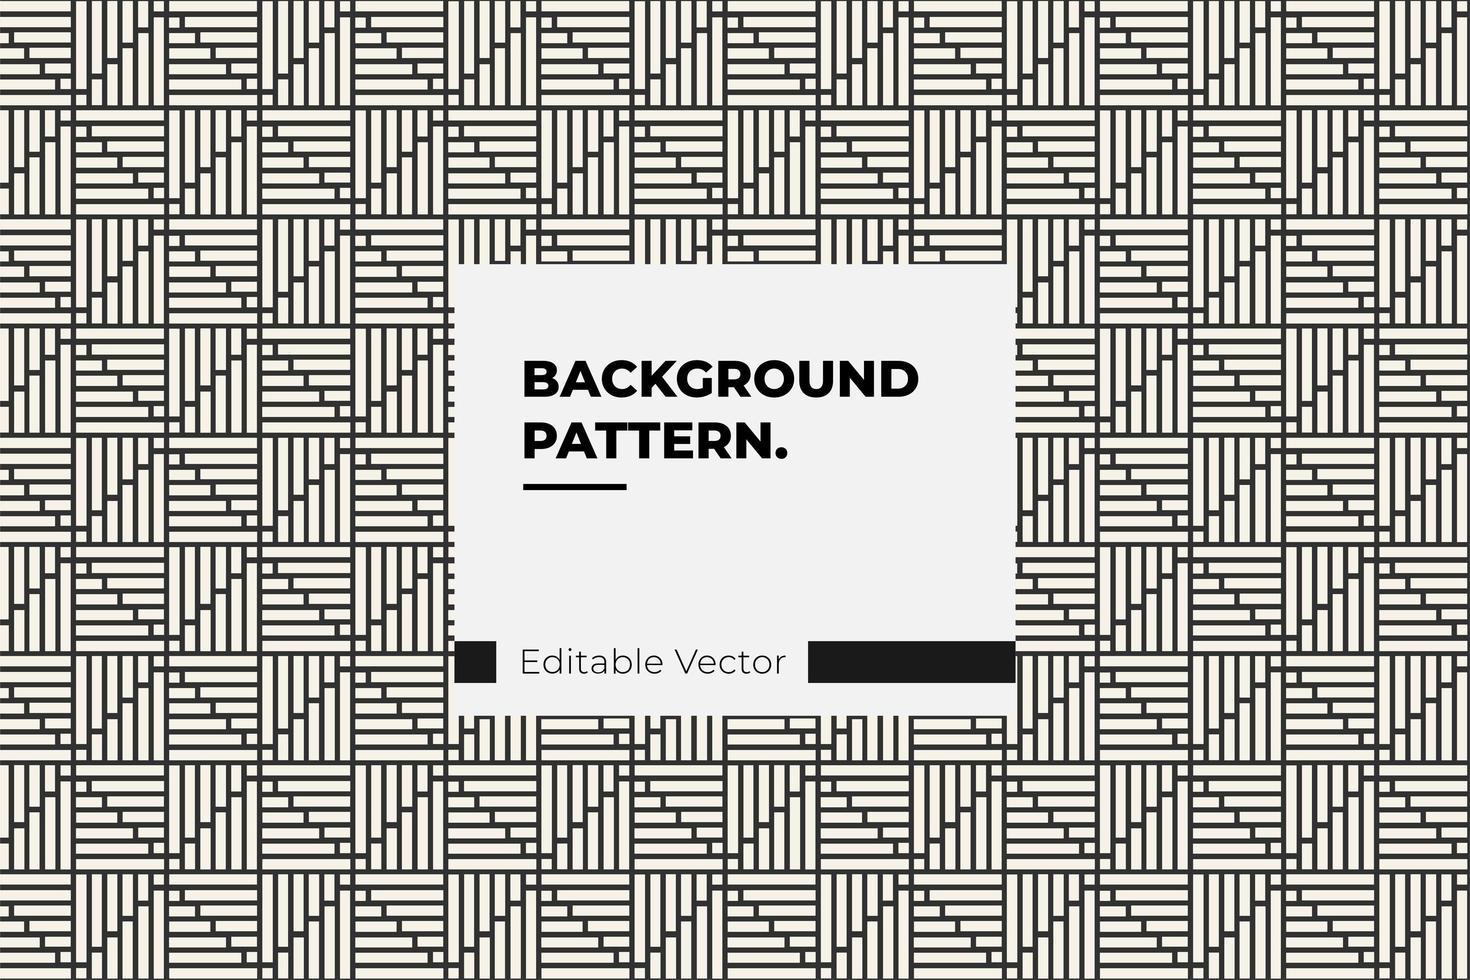 hoekige vierkante lijnpatroon vector